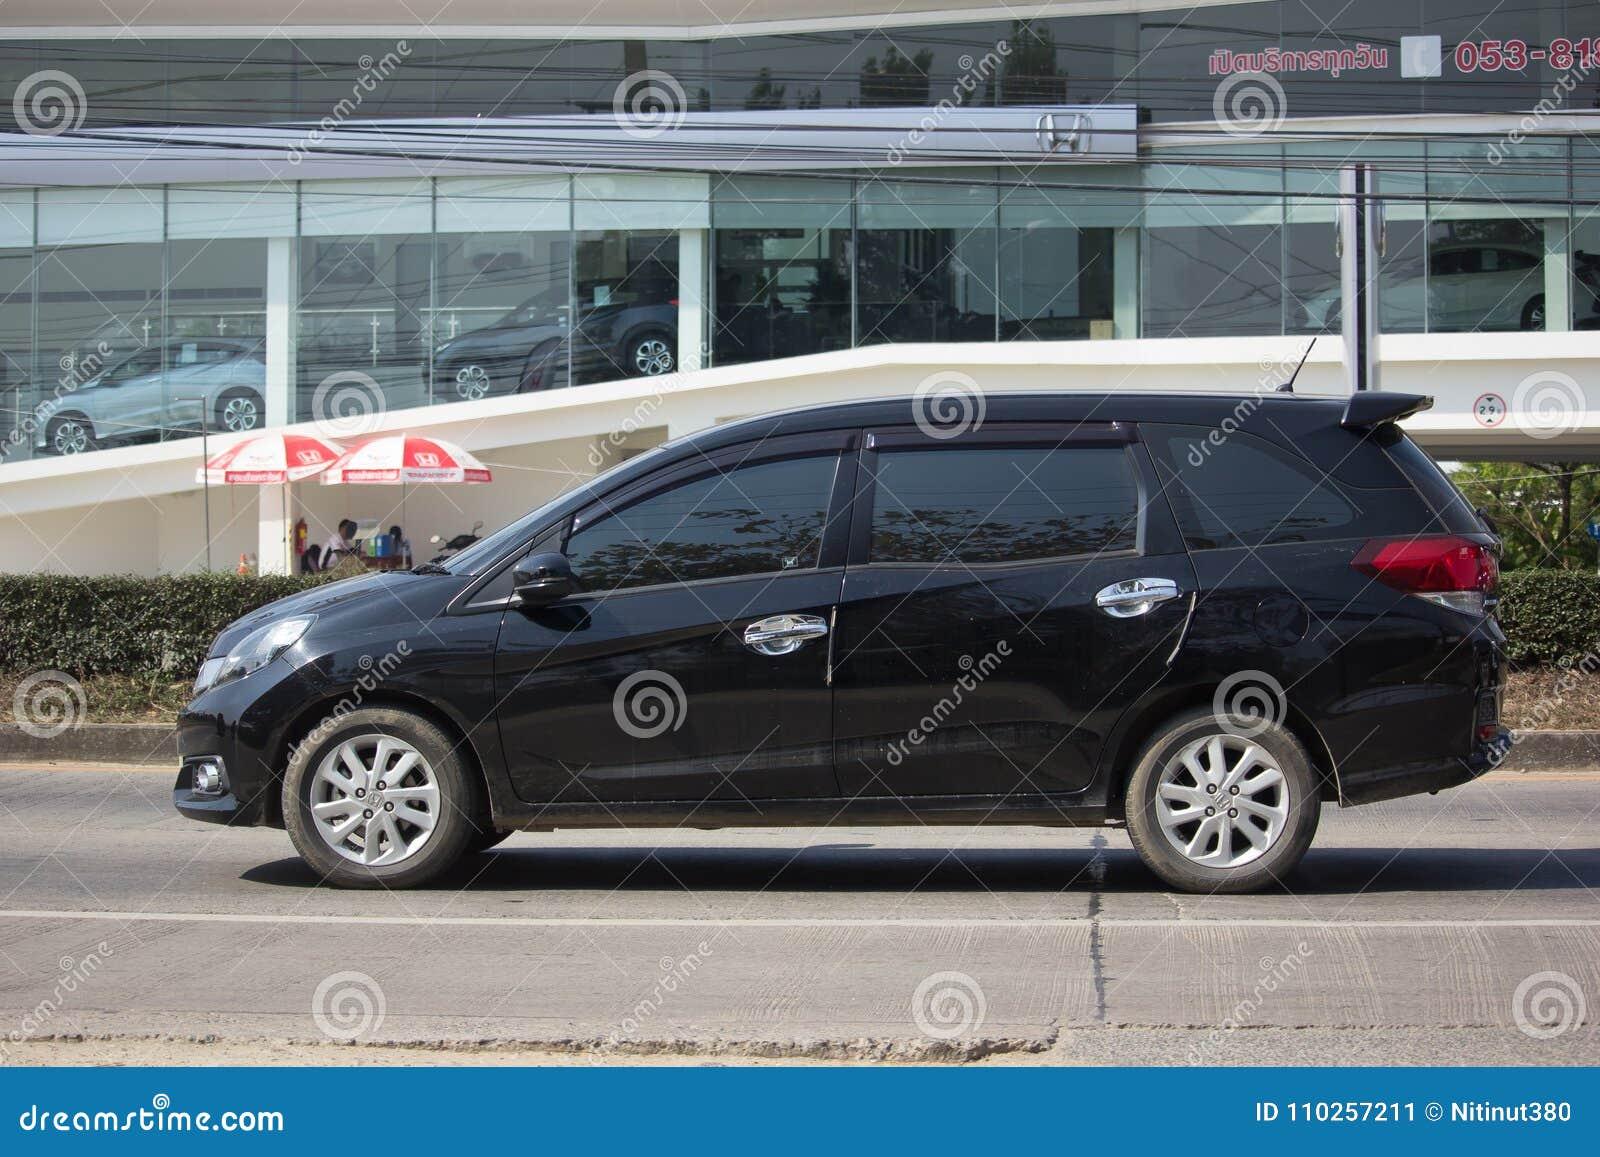 Private Honda Mobilio Van Editorial Photo Image Of Wheel 110257211